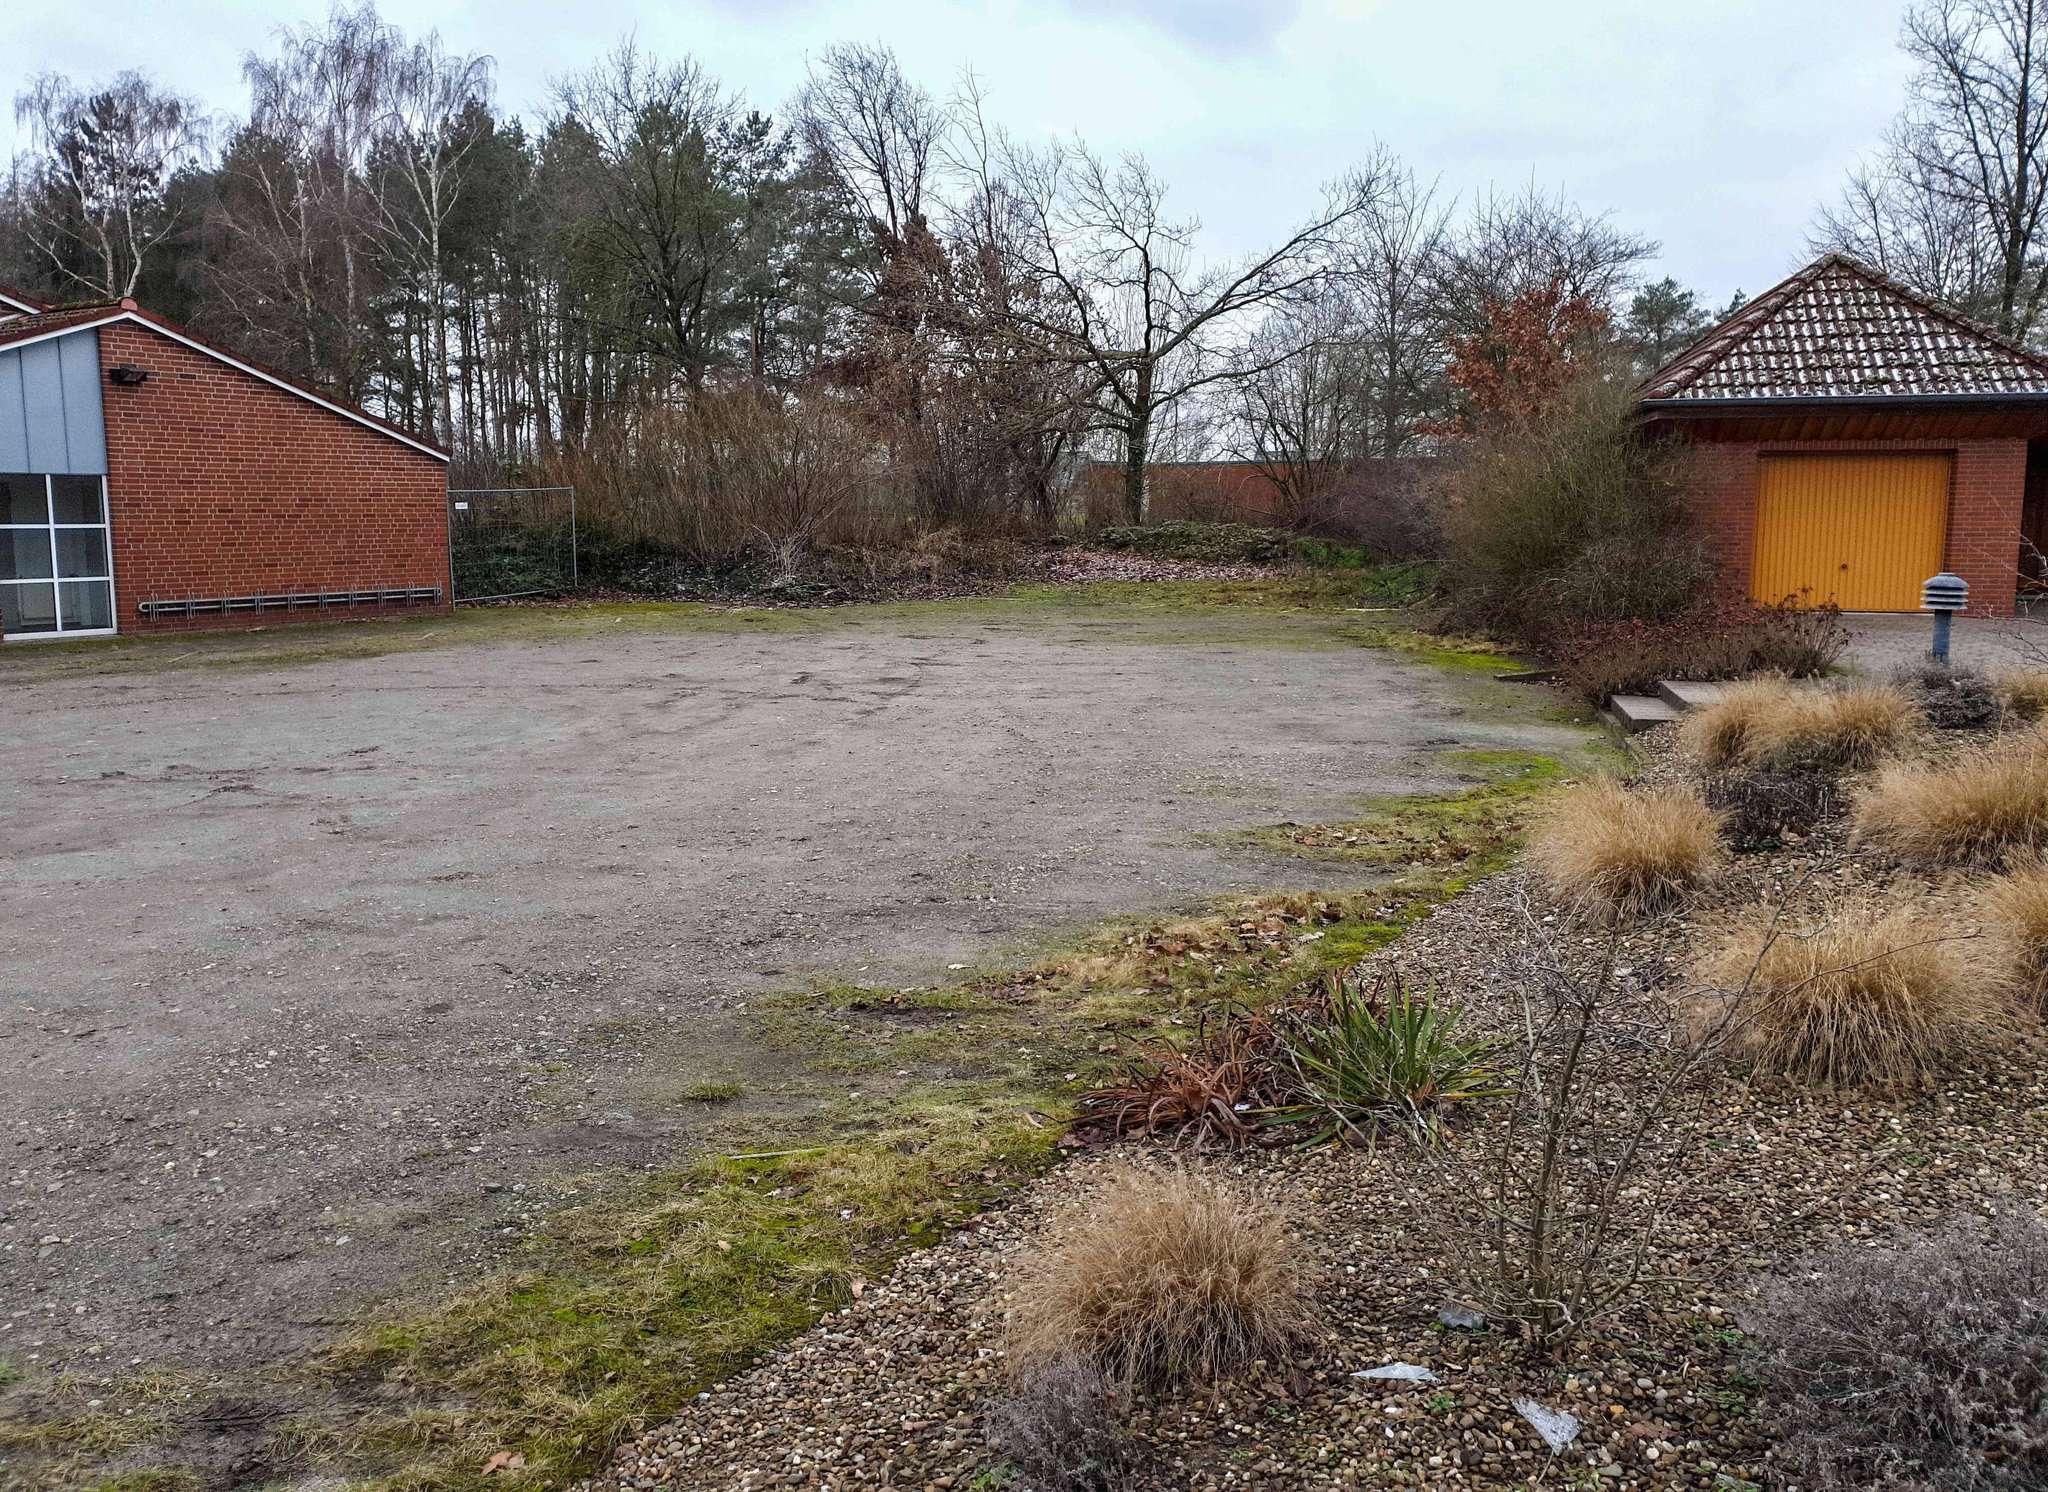 Der Parkplatz wird gepflastert und im rückwärtigen Bereich in Richtung Schießstand verlängert. Foto: Tobias Woelki